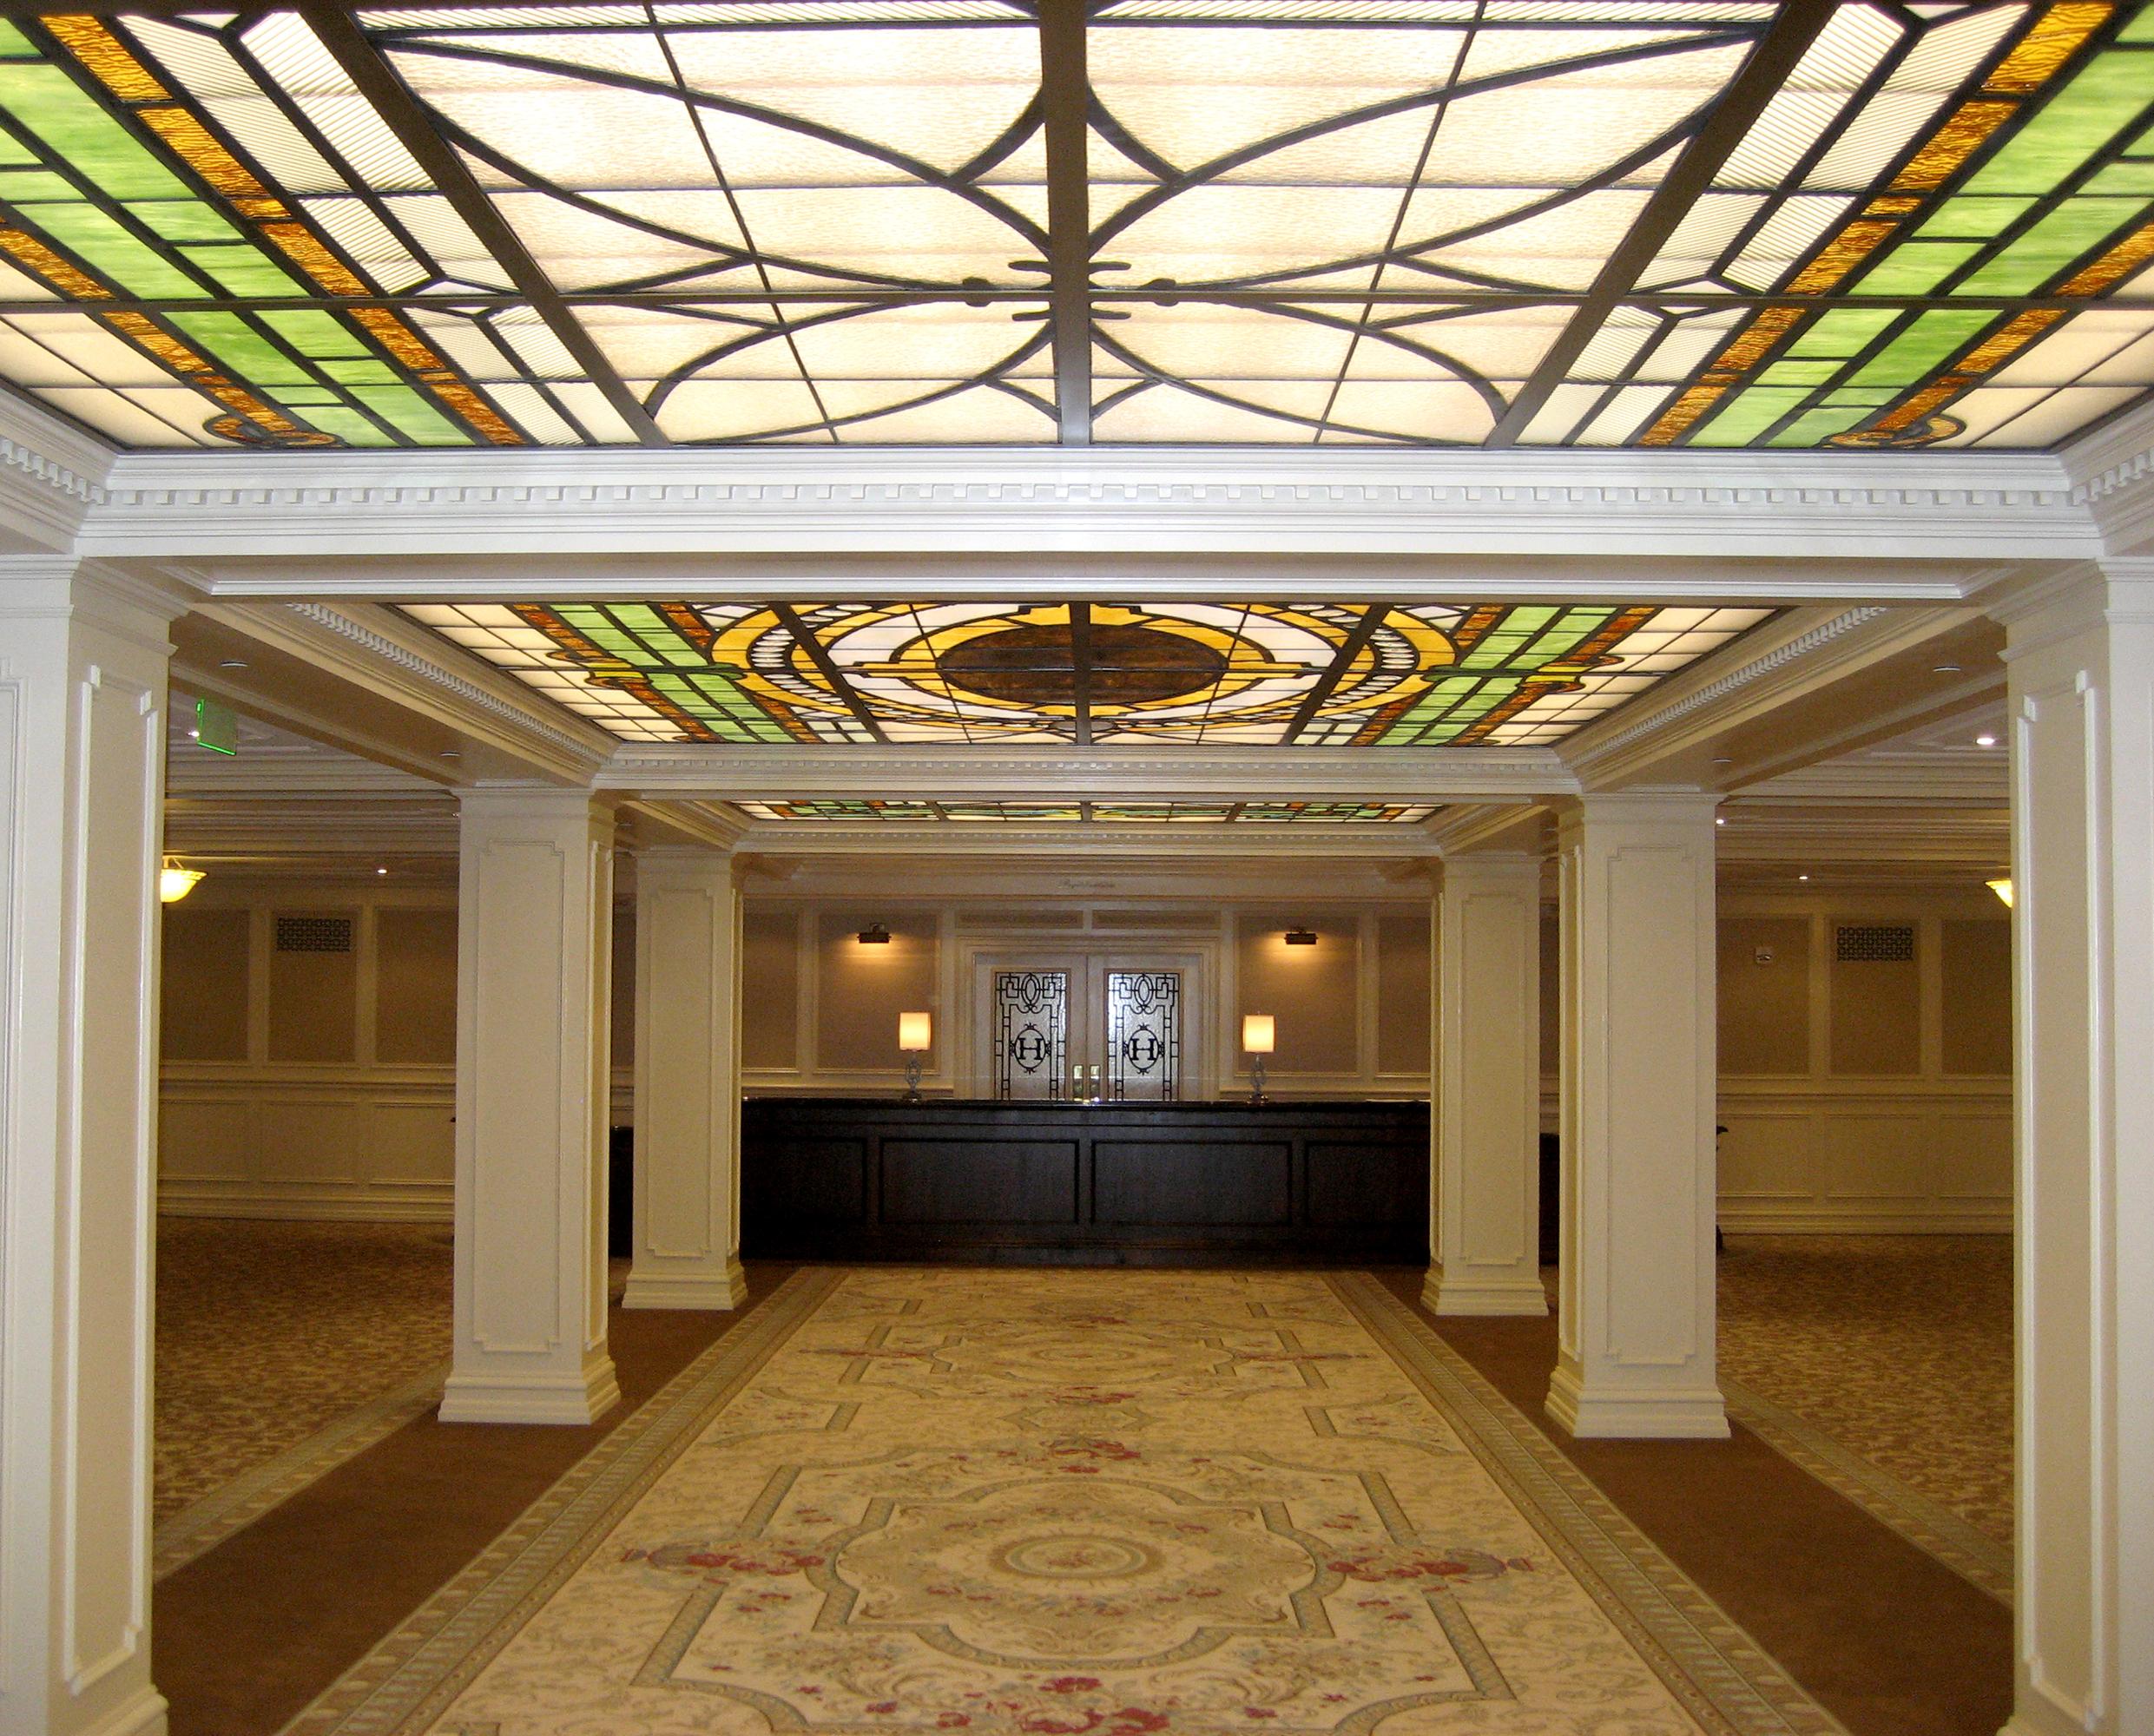 Hershey Entertainment & Resort Co. Lobby, Hershey, PA